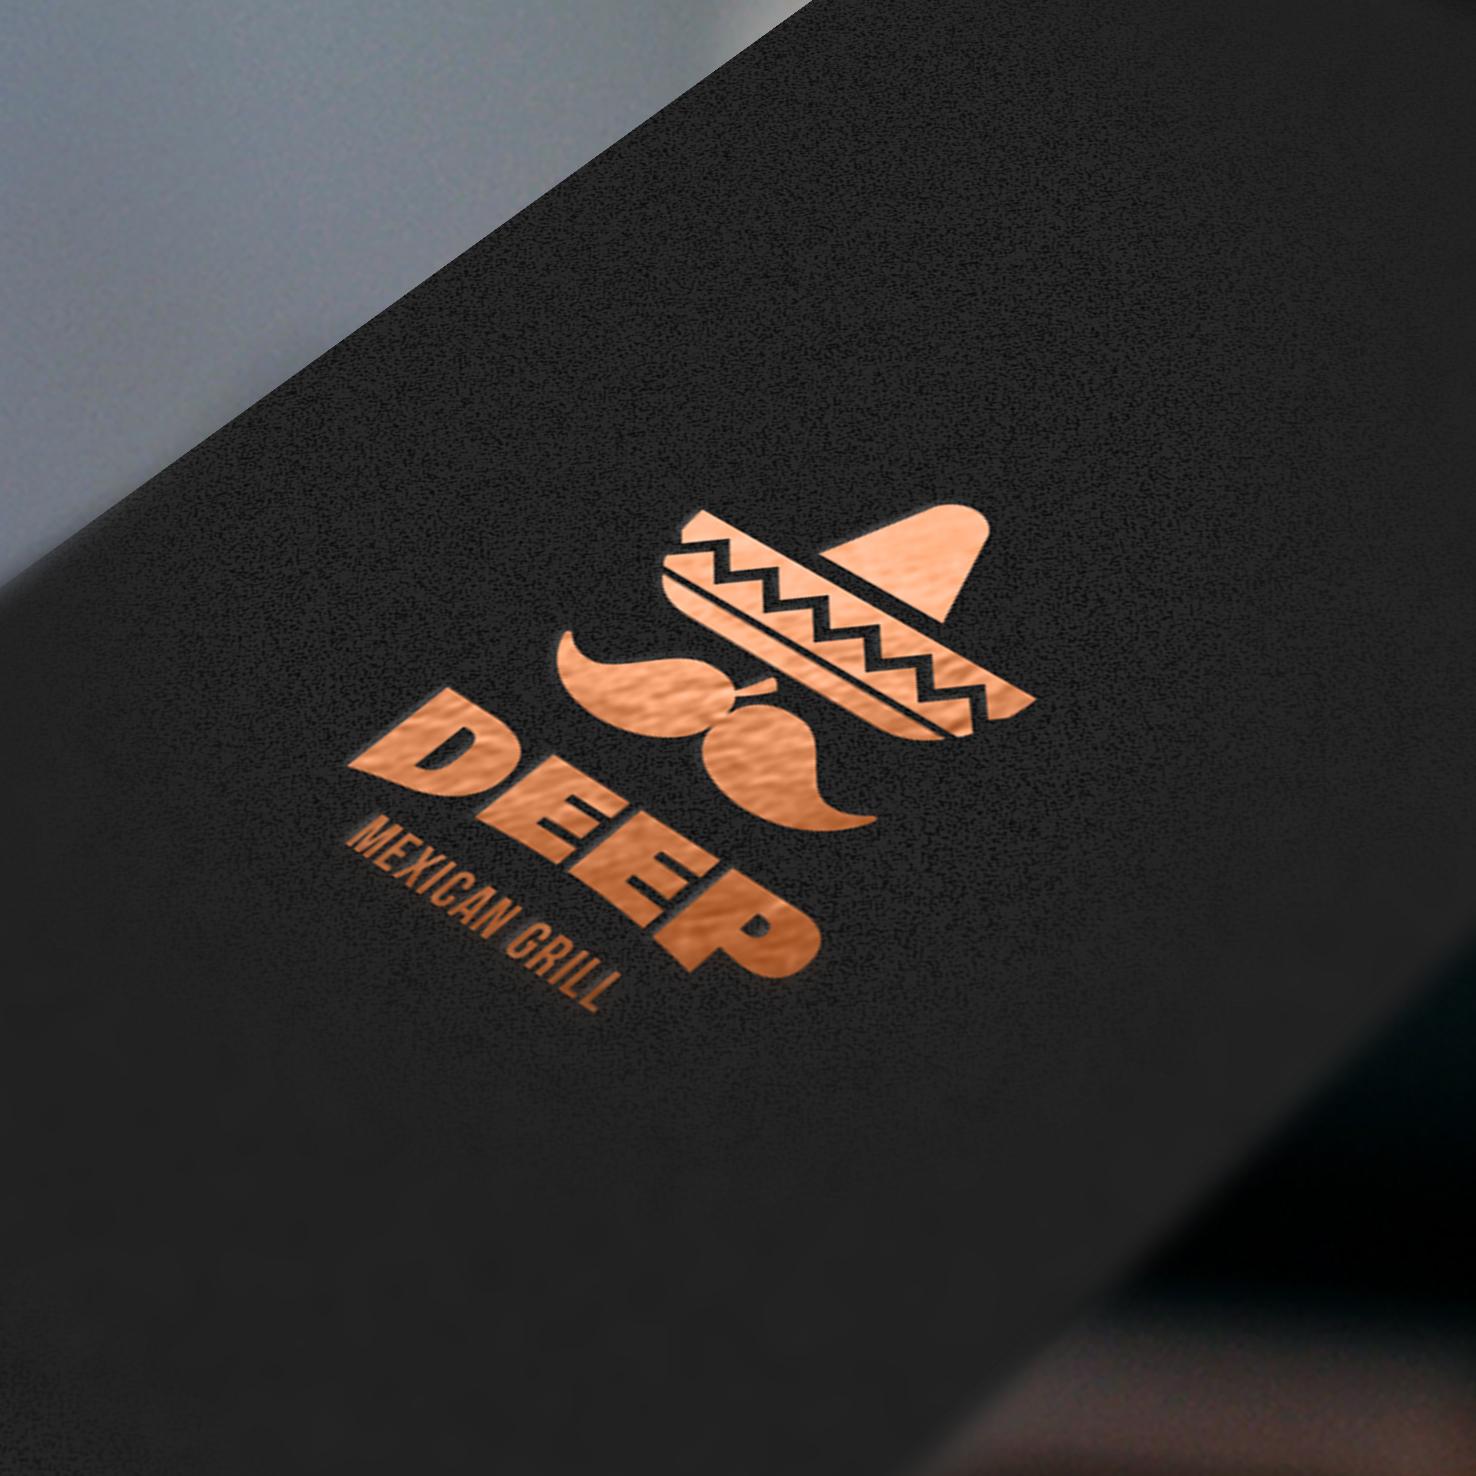 로고 디자인 | 멕시칸 그릴 음식점 로고디자인 | 라우드소싱 포트폴리오